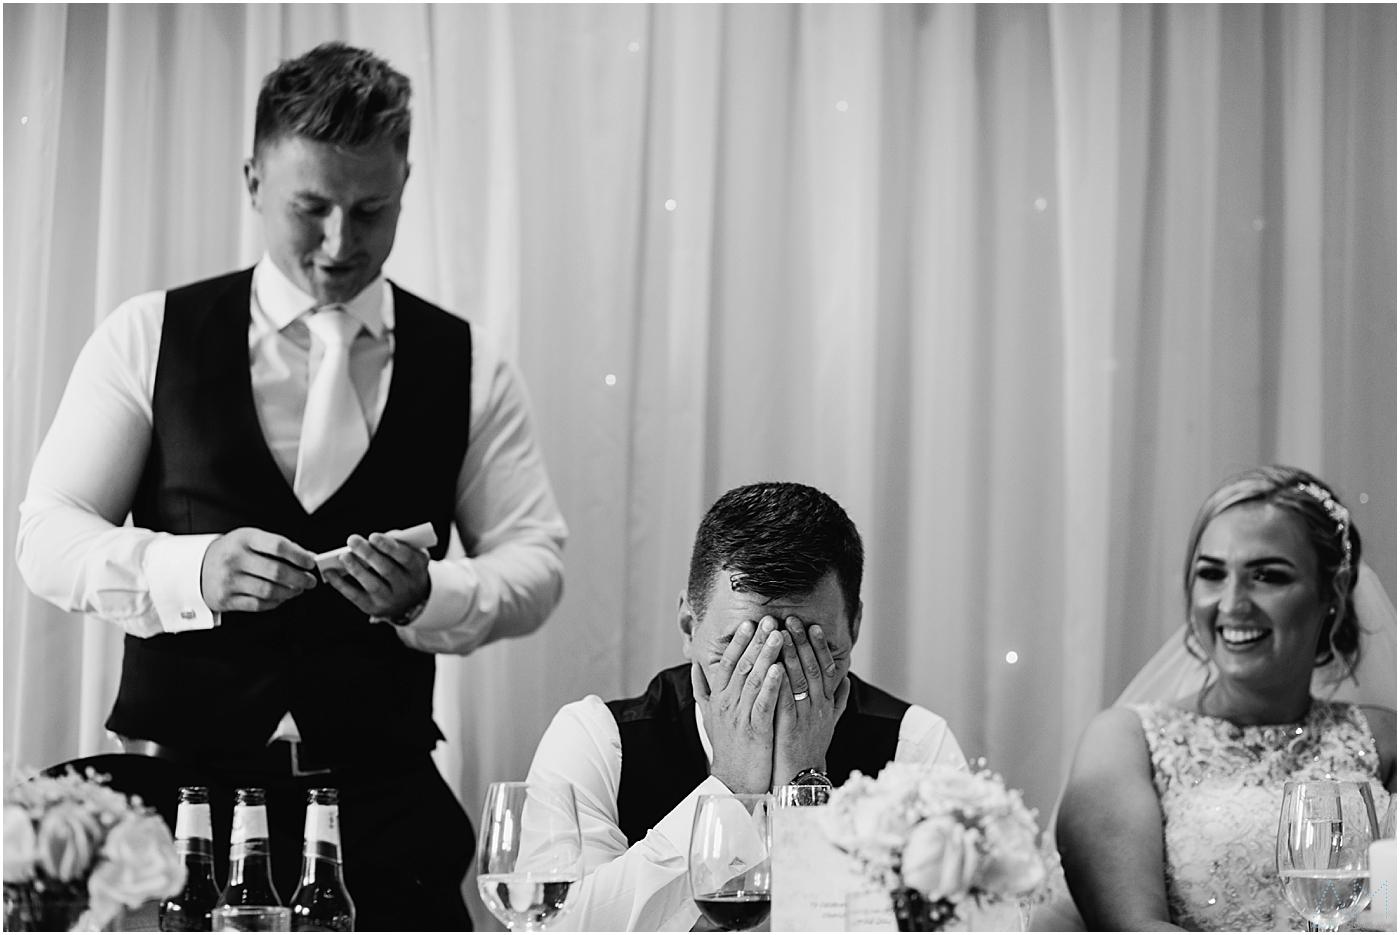 Best man speech embarrassing the groom